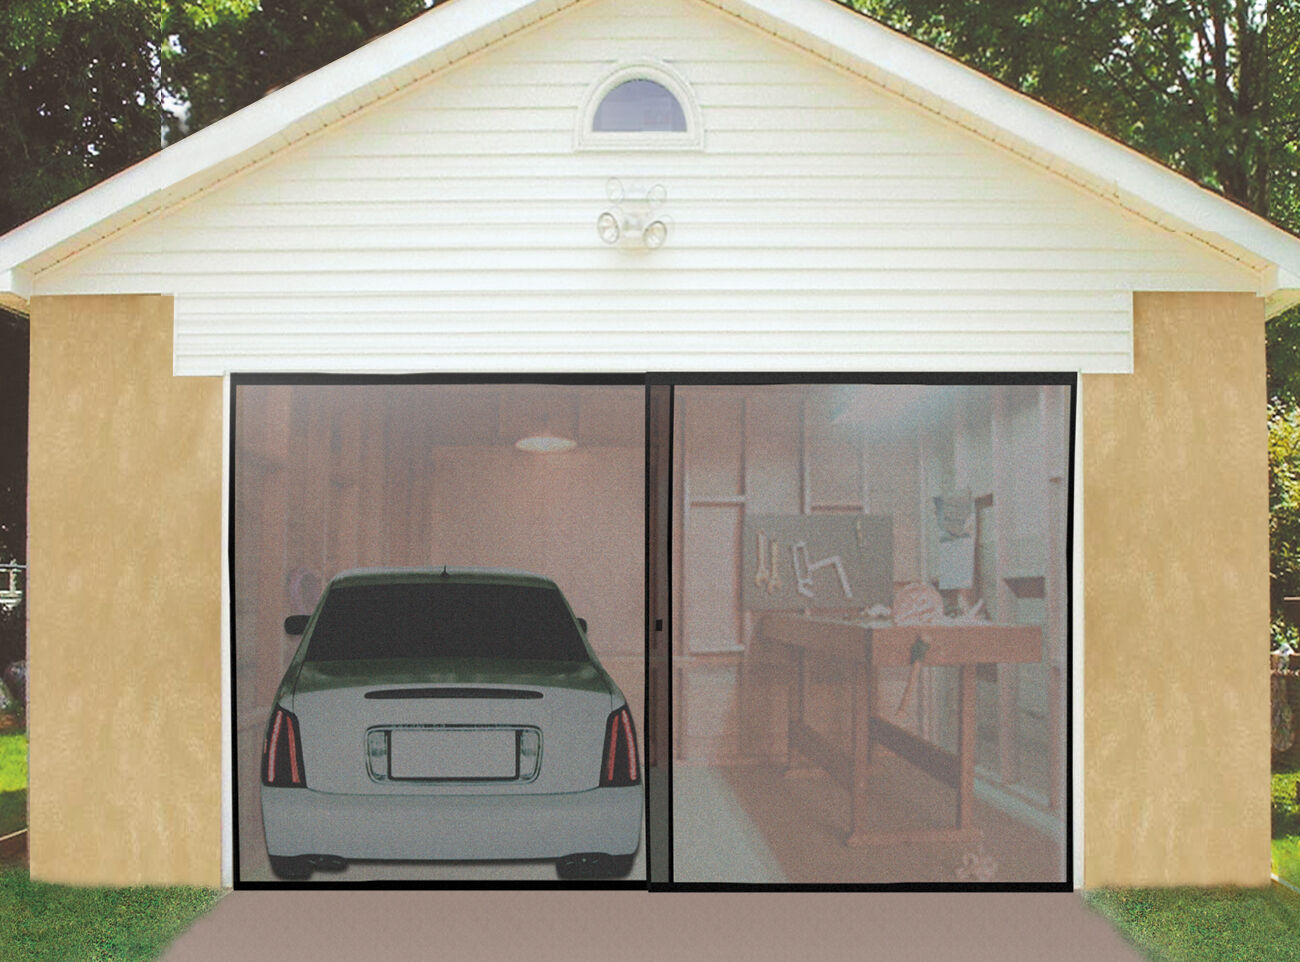 Deluxe Double Garage Door Screen Black Magnetic closure Mosquitoinsect weighted  eBay